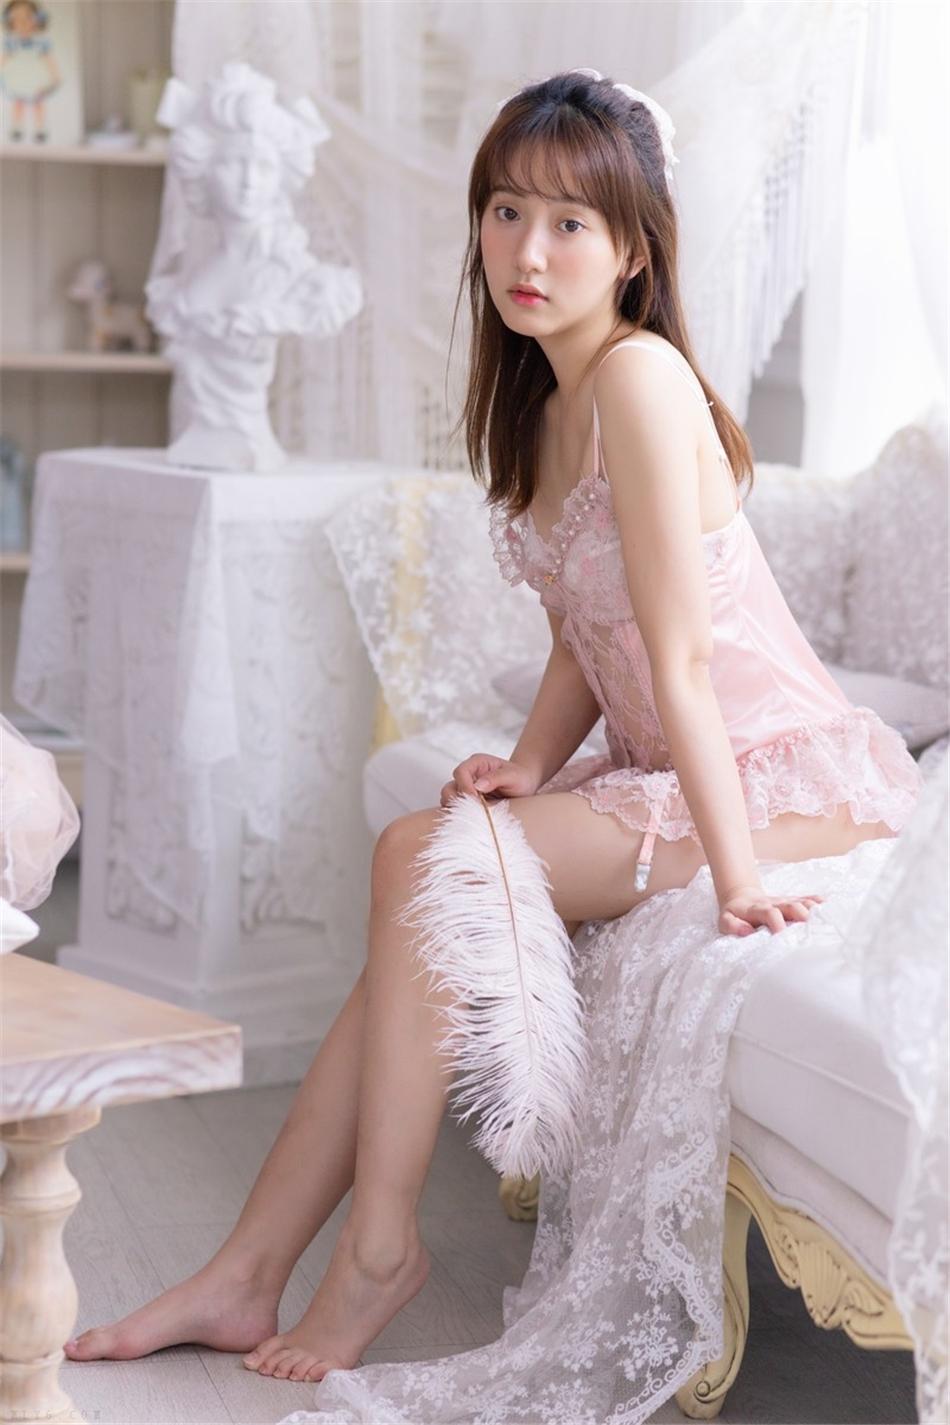 蕾丝美女极品透视内衣诱惑写真